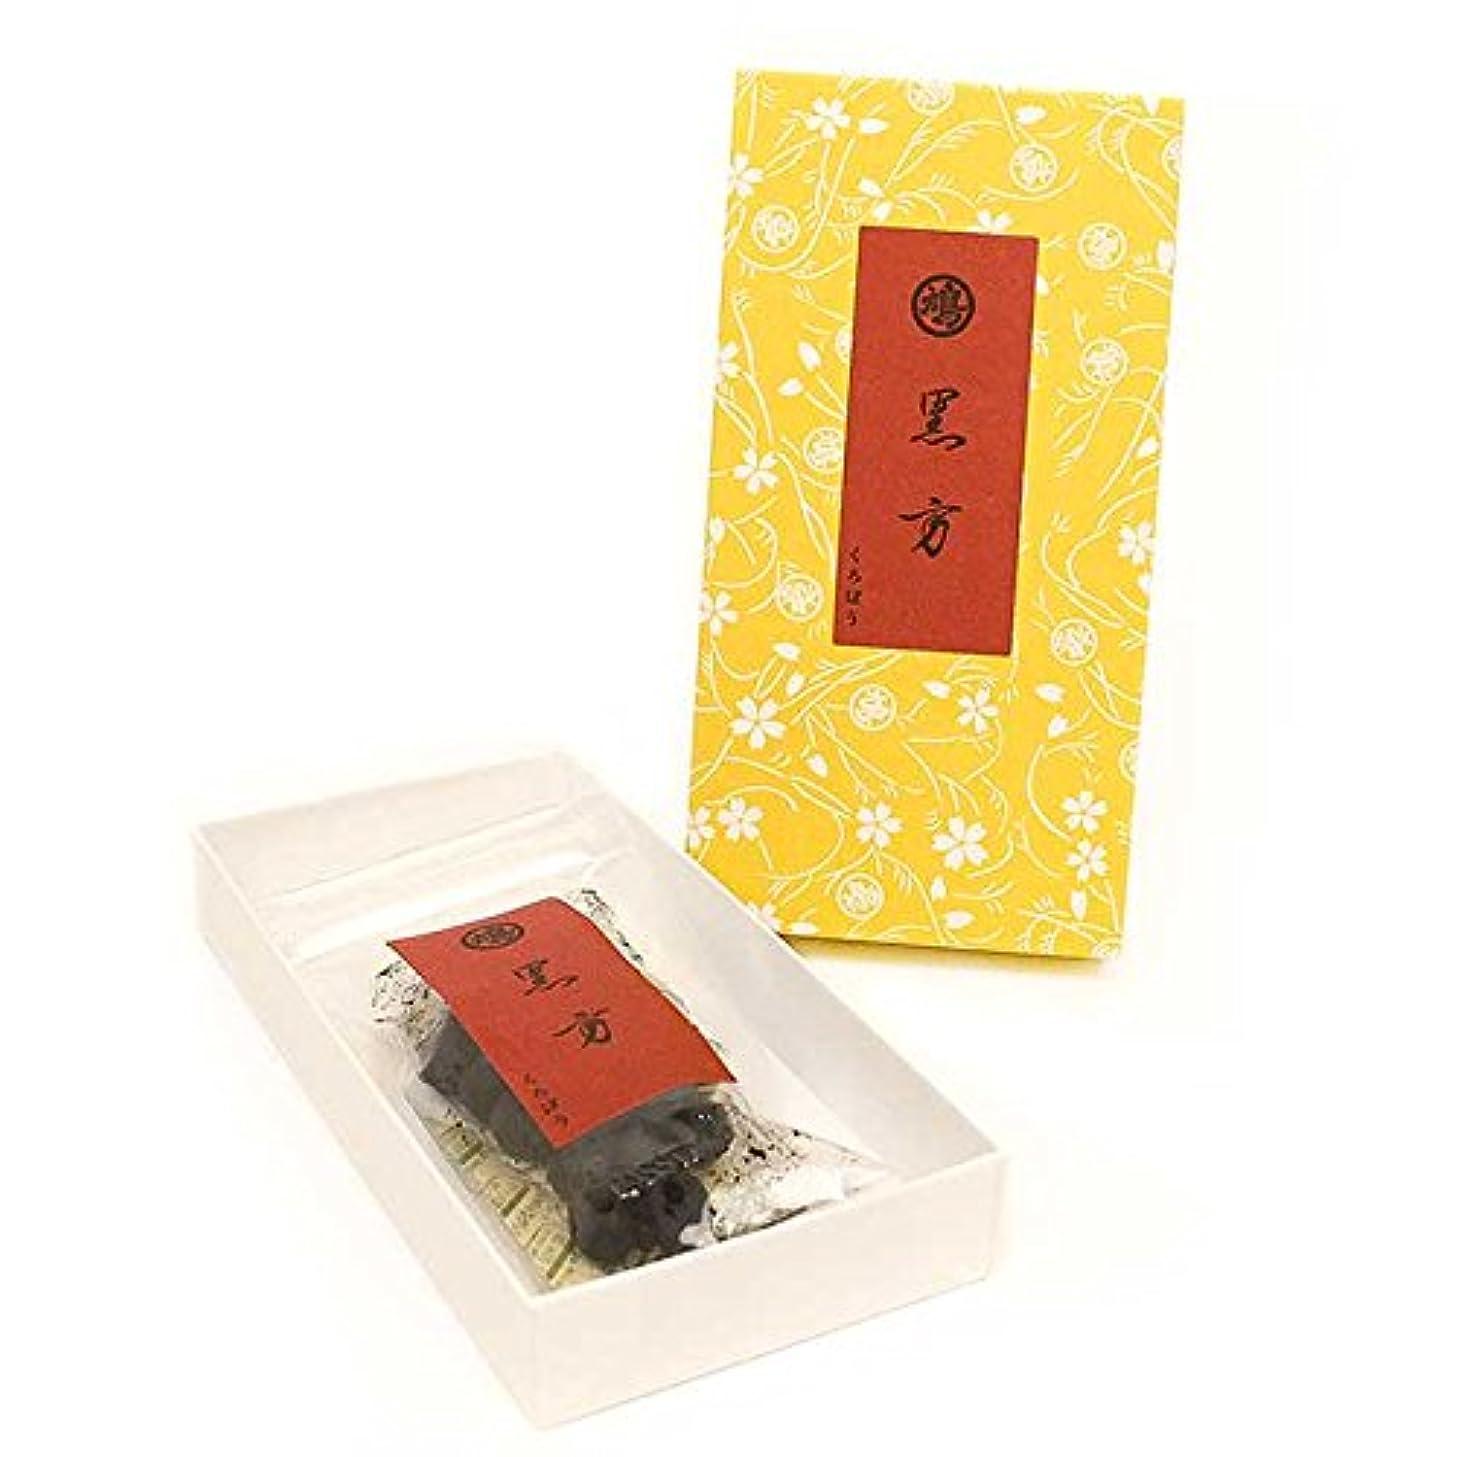 吸う累積船形茶道具 香 煉香 鳩居堂 黒方(くろぼう) 練香 ねりこう ほんぢ園